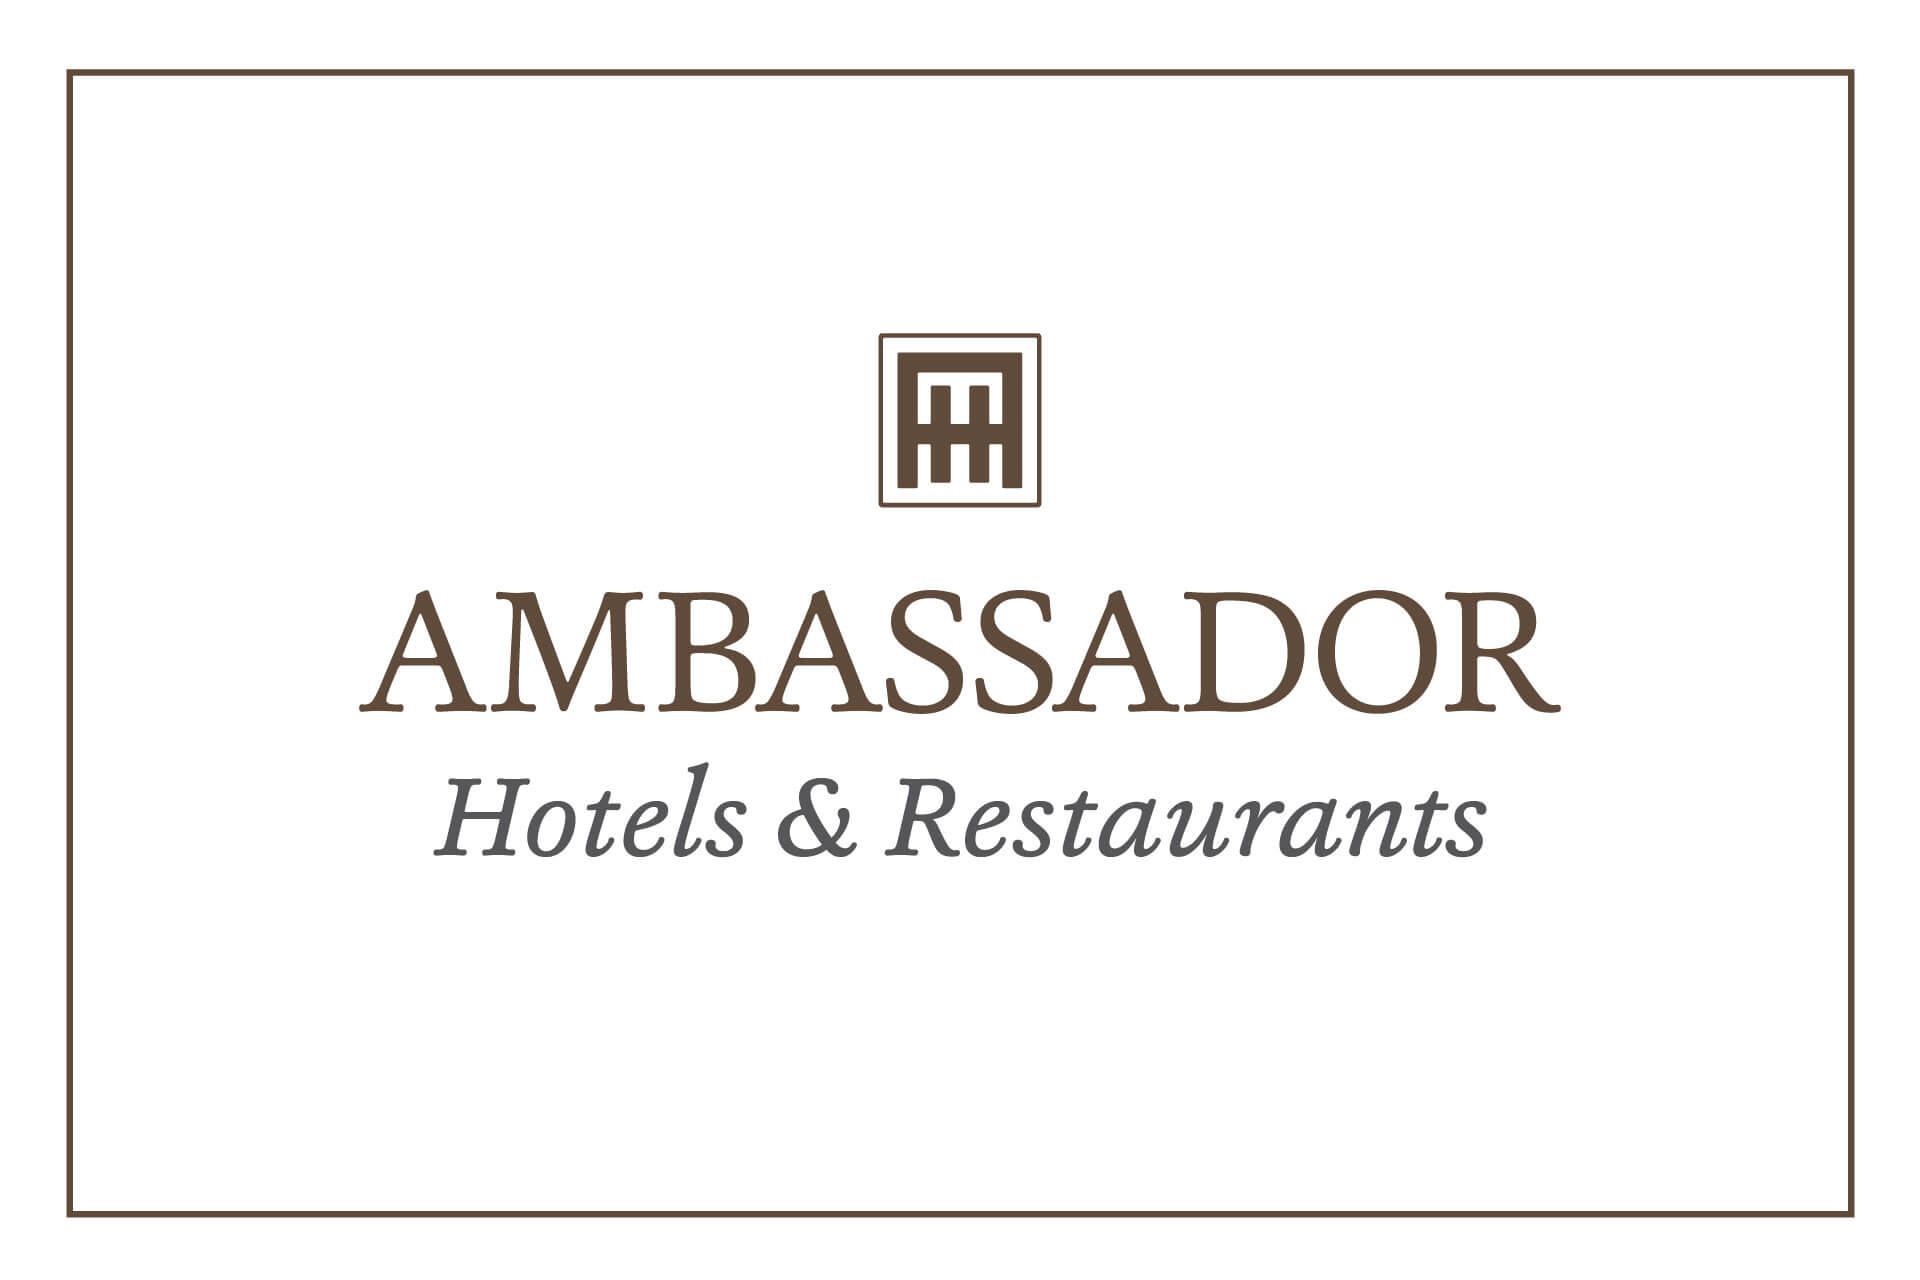 國賓大飯店館外餐廳停止營業公告